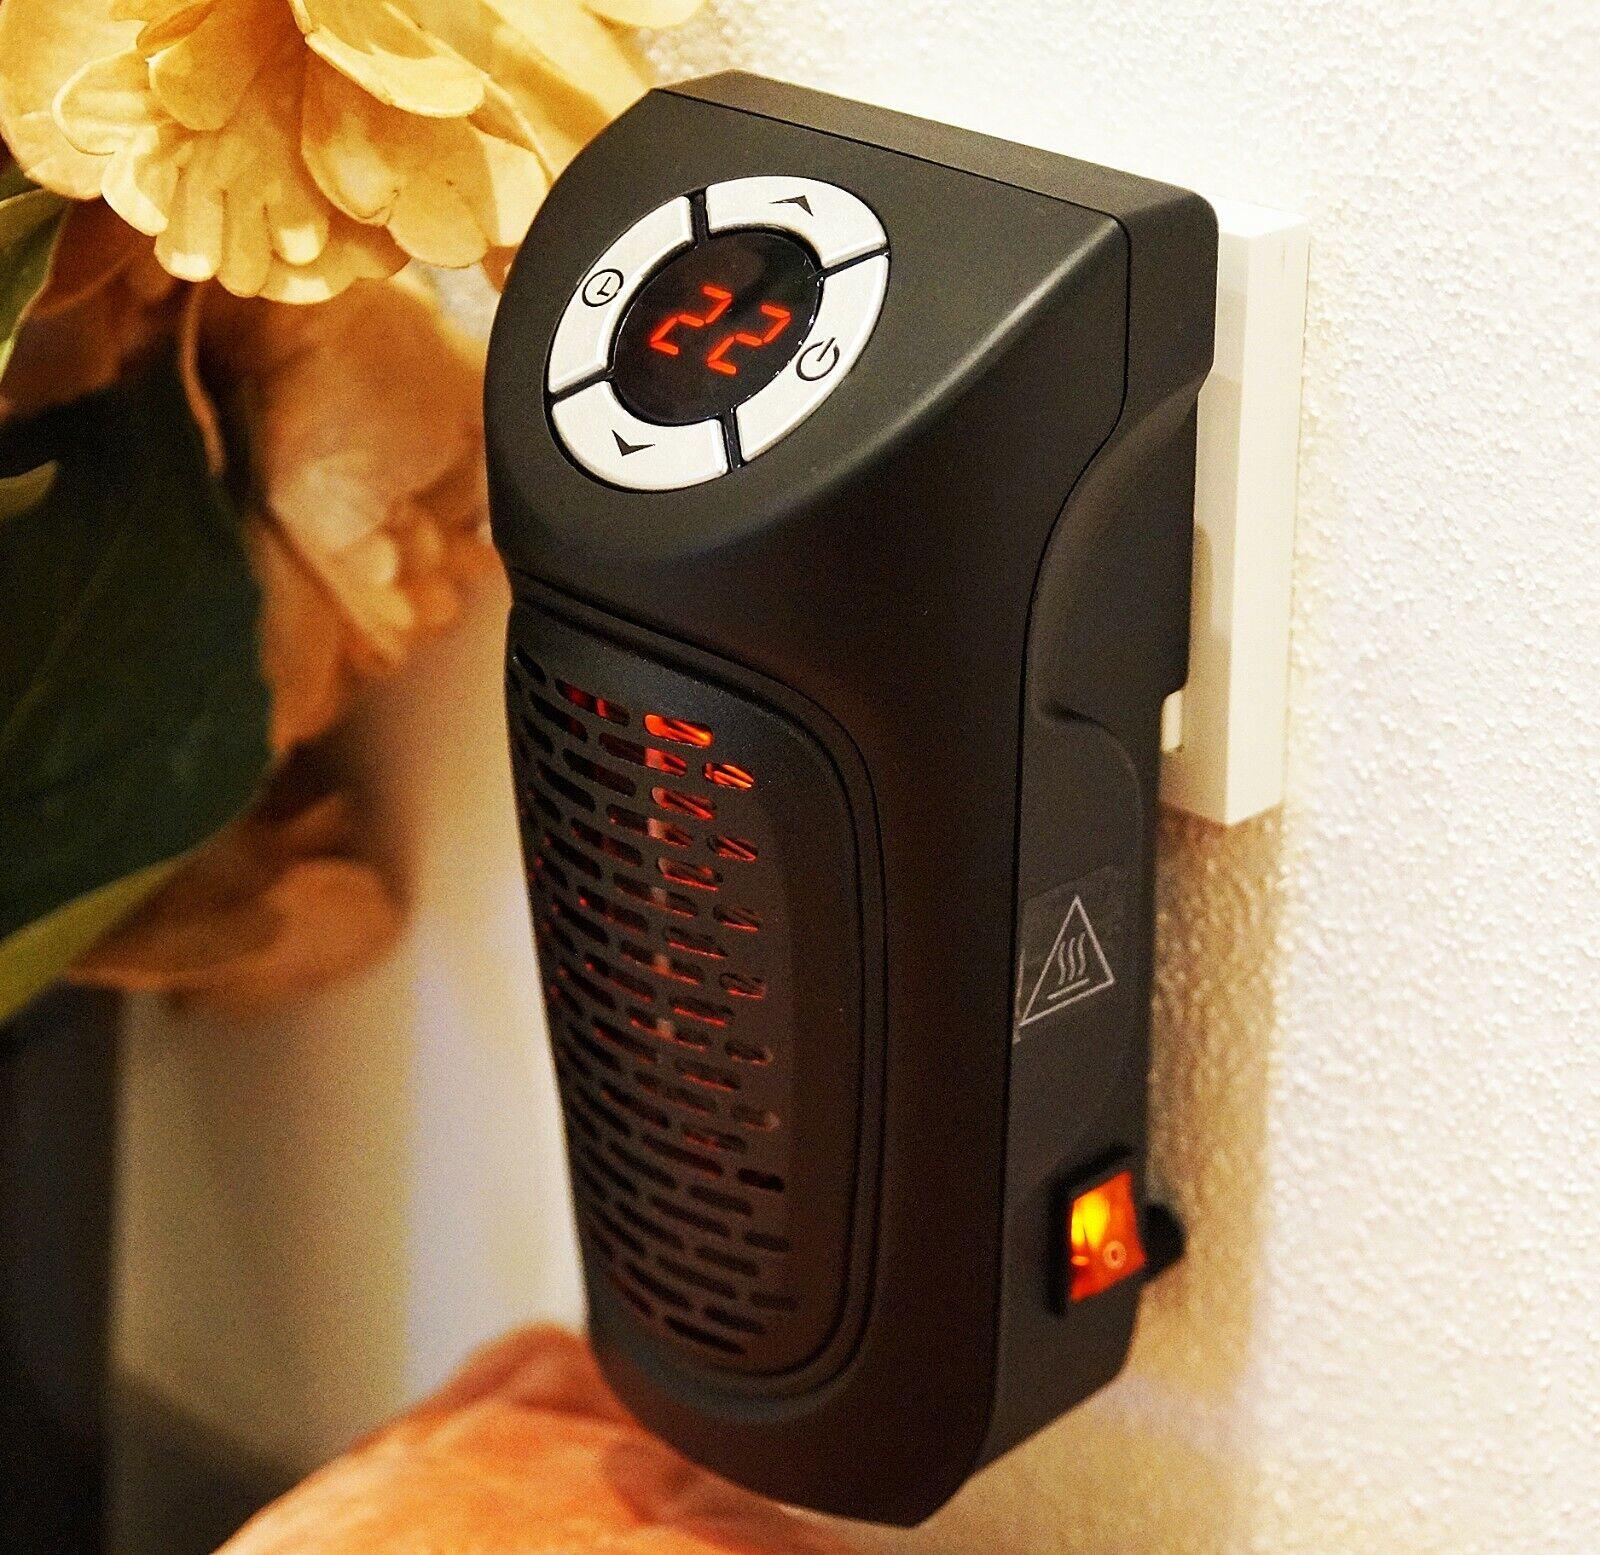 Digitaler Heizlüfter 350W Steckdose 230V Mini Heizung Elektro Heizgerät Timer